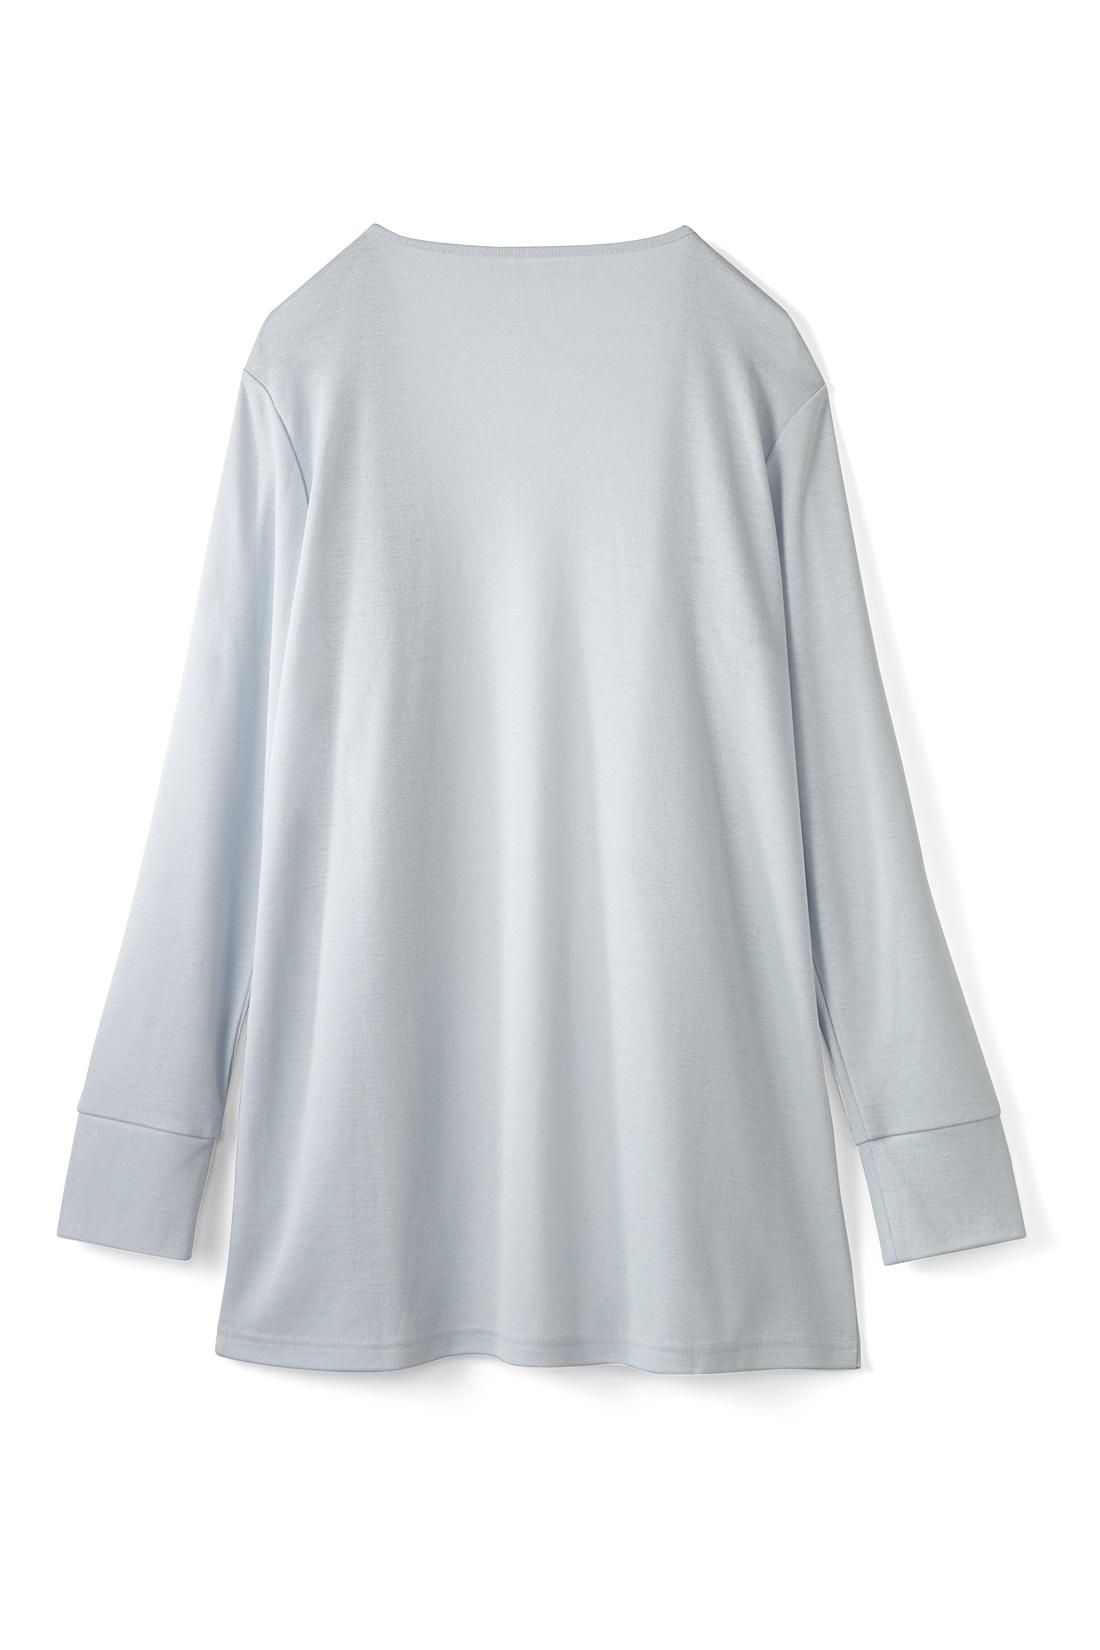 スカートにもパンツにも合わせやすい少し長めの丈感で腰まわりもカバー。 ※お届けする色味とは異なります。